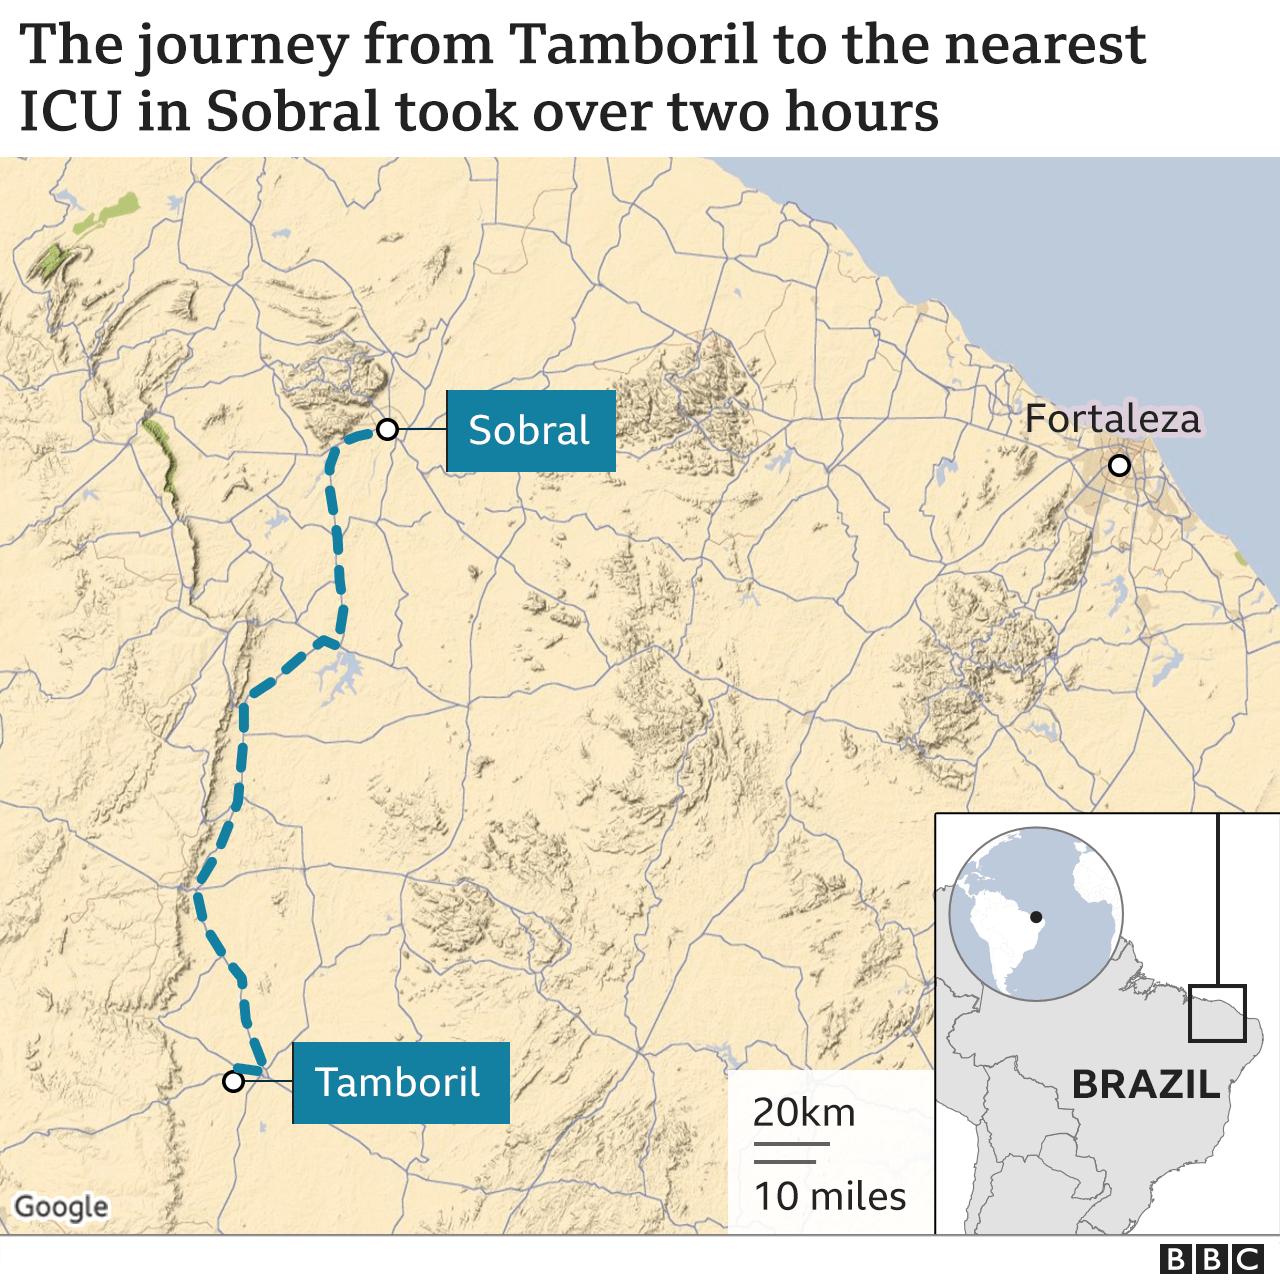 A viagem de Tamboril até a UTI mais próxima, em Sobral, demorou mais de duas horas